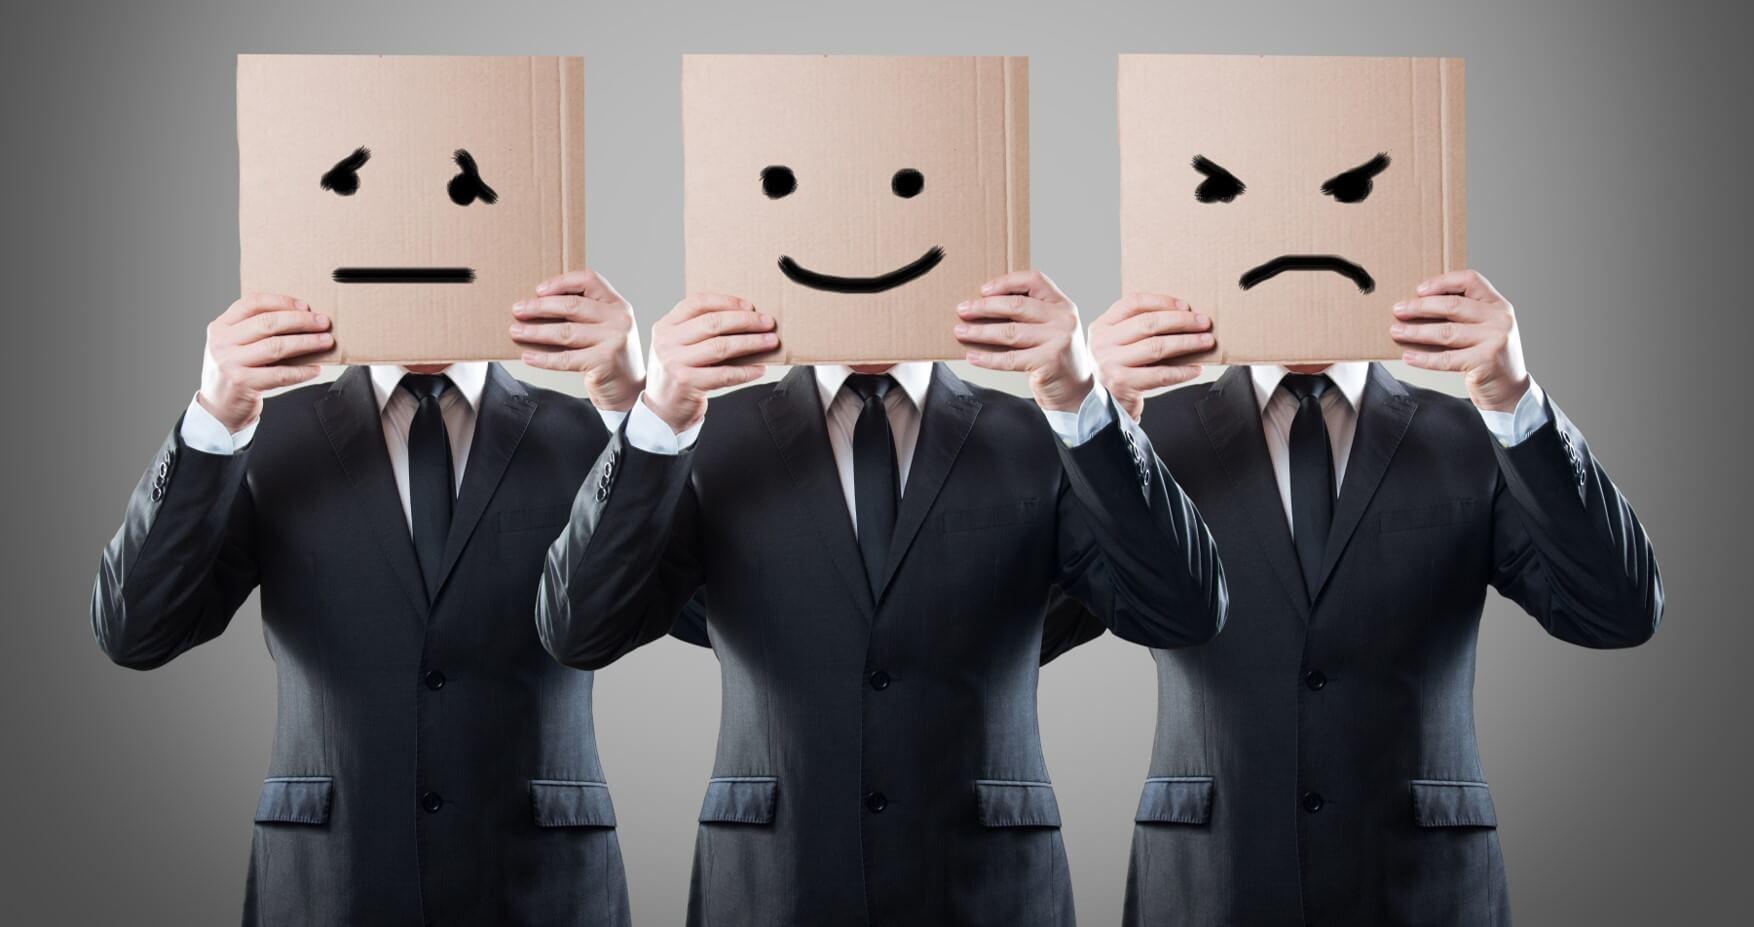 Emoções | Clube de Negociadores